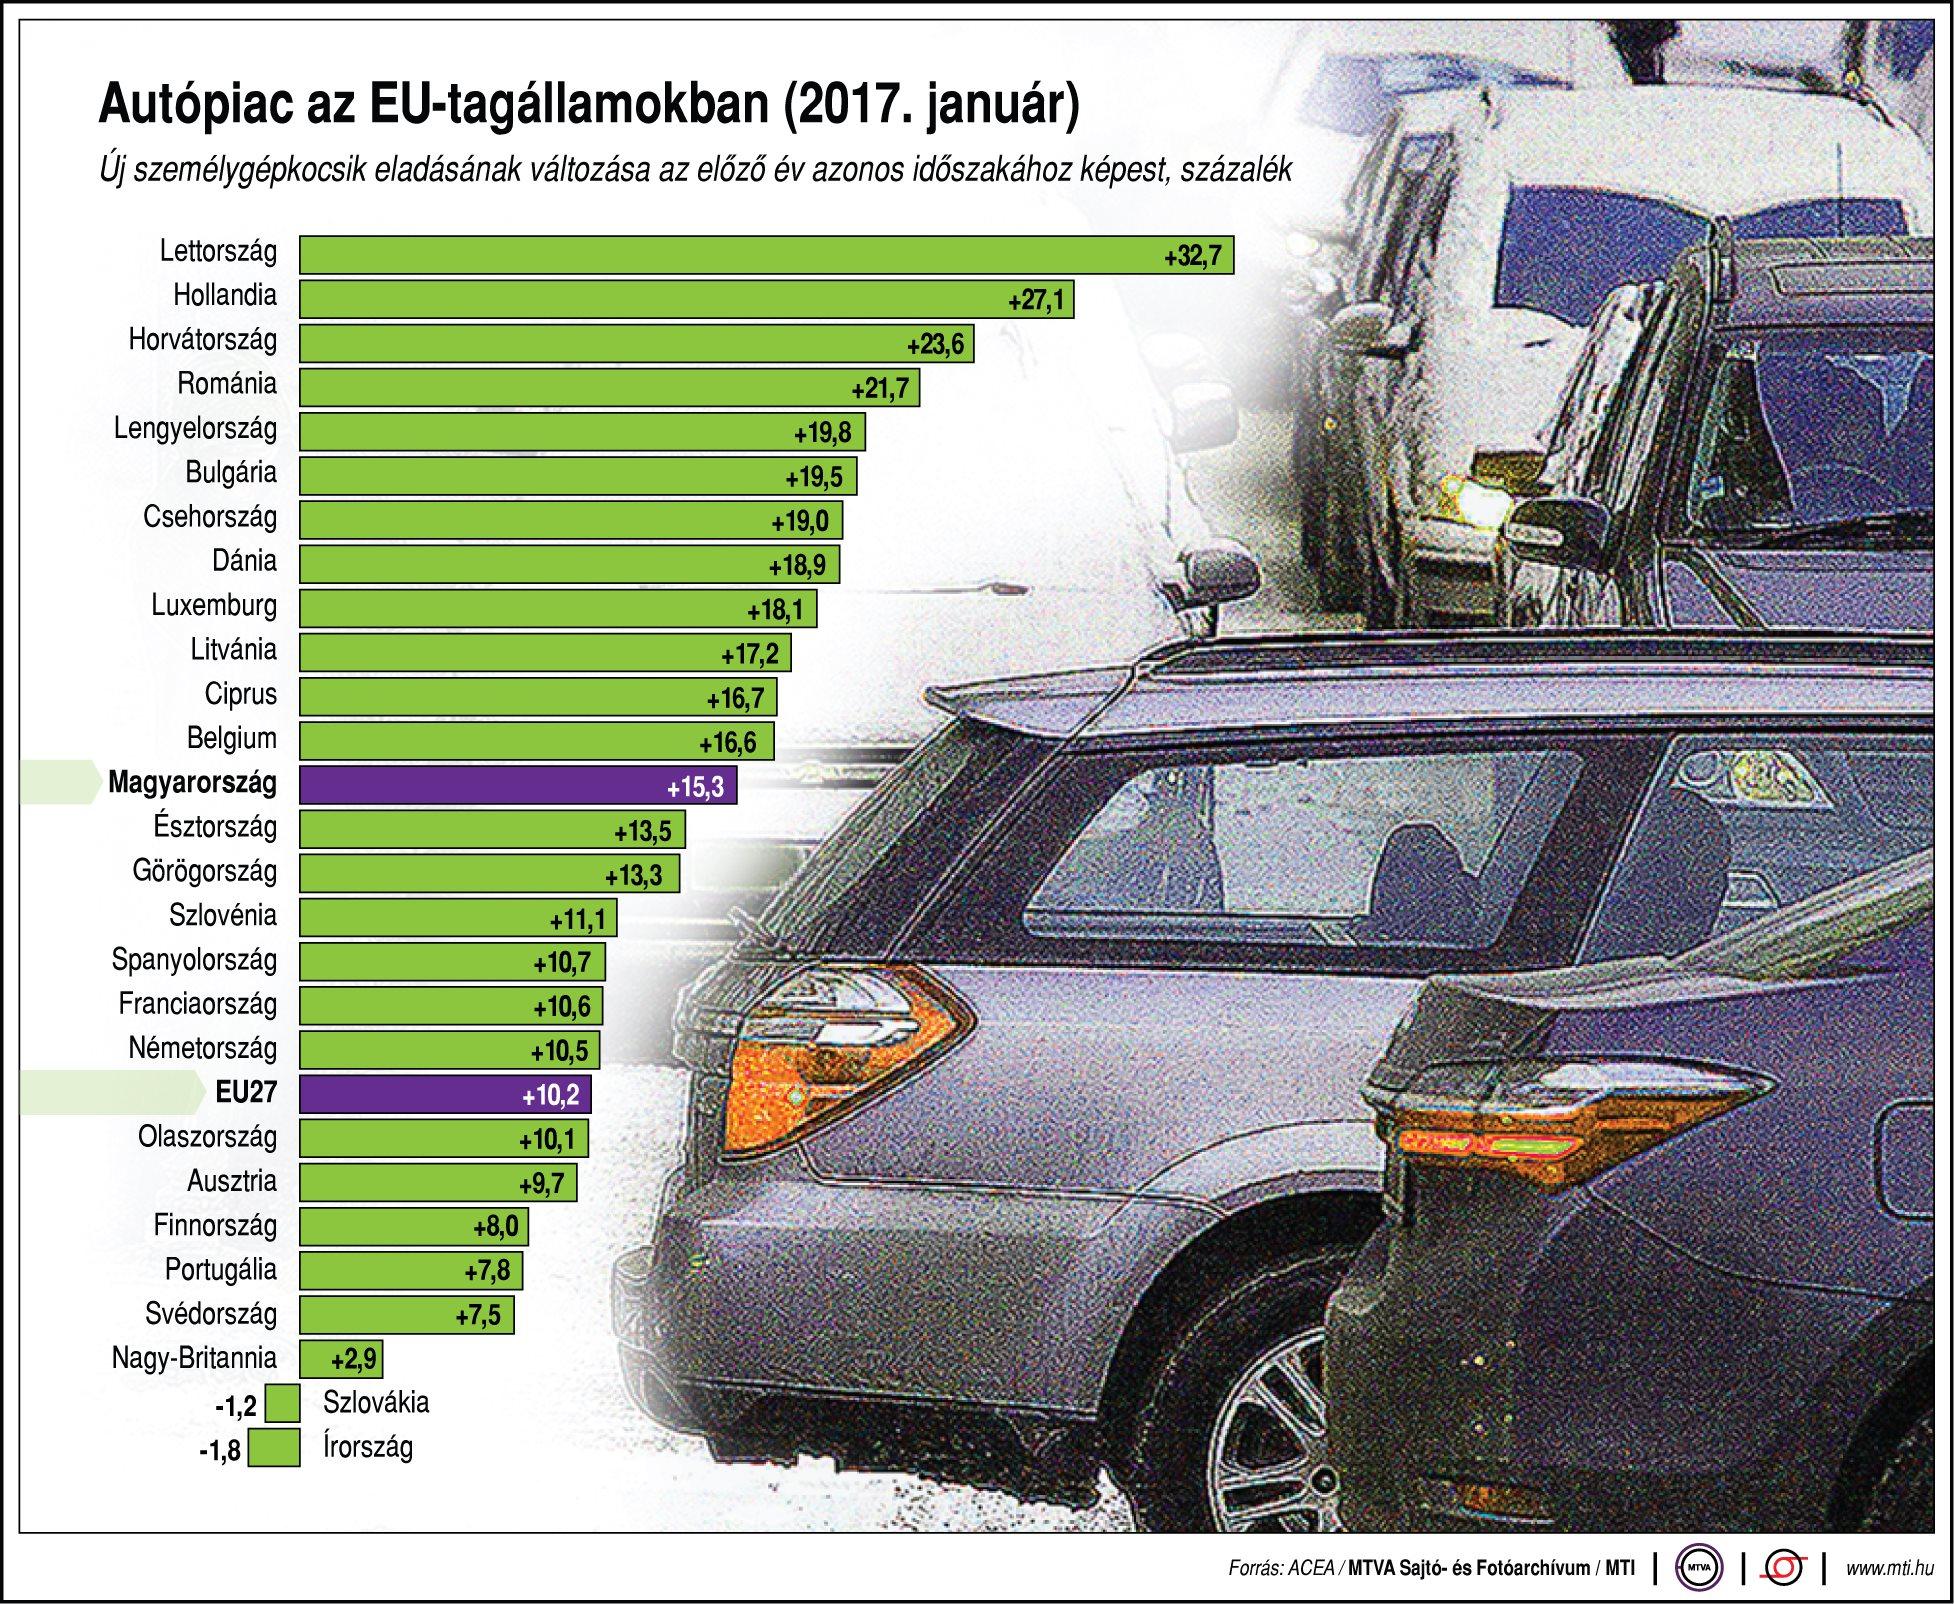 Autópiac az EU-tagállamokban - egy ábrán